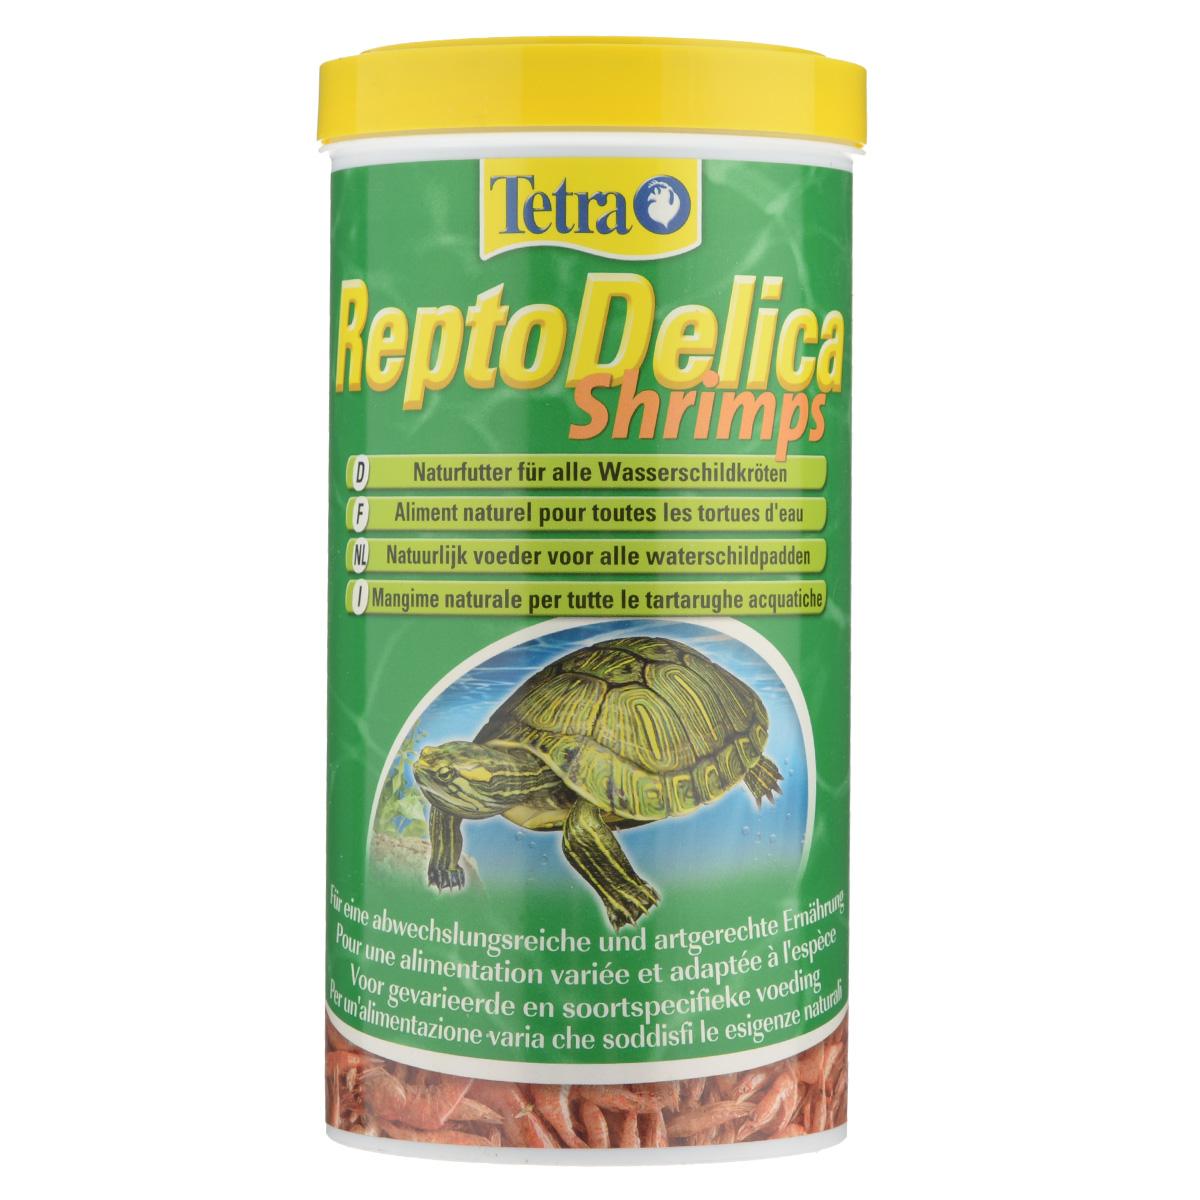 Корм-лакомство для водных черепах Tetra ReptoDelica Shrimps, креветки, 1 л169265Дополнительный корм-лакомство Tetra ReptoDelica Shrimps для плотоядных черепах. Цельные сублимированные креветки для удовольствия и разнообразия в еде. Богаты минералами - способствуют правильному развитию костей и панциря. Отличная добавка. Рекомендации по кормлению: давайте рептилиям такое количество корма, которое они смогут съесть за короткое время. Через 30 минут удалите из воды несъеденные остатки.Состав: 100 % креветки.Вес: 1000 мл (100 г).Товар сертифицирован.